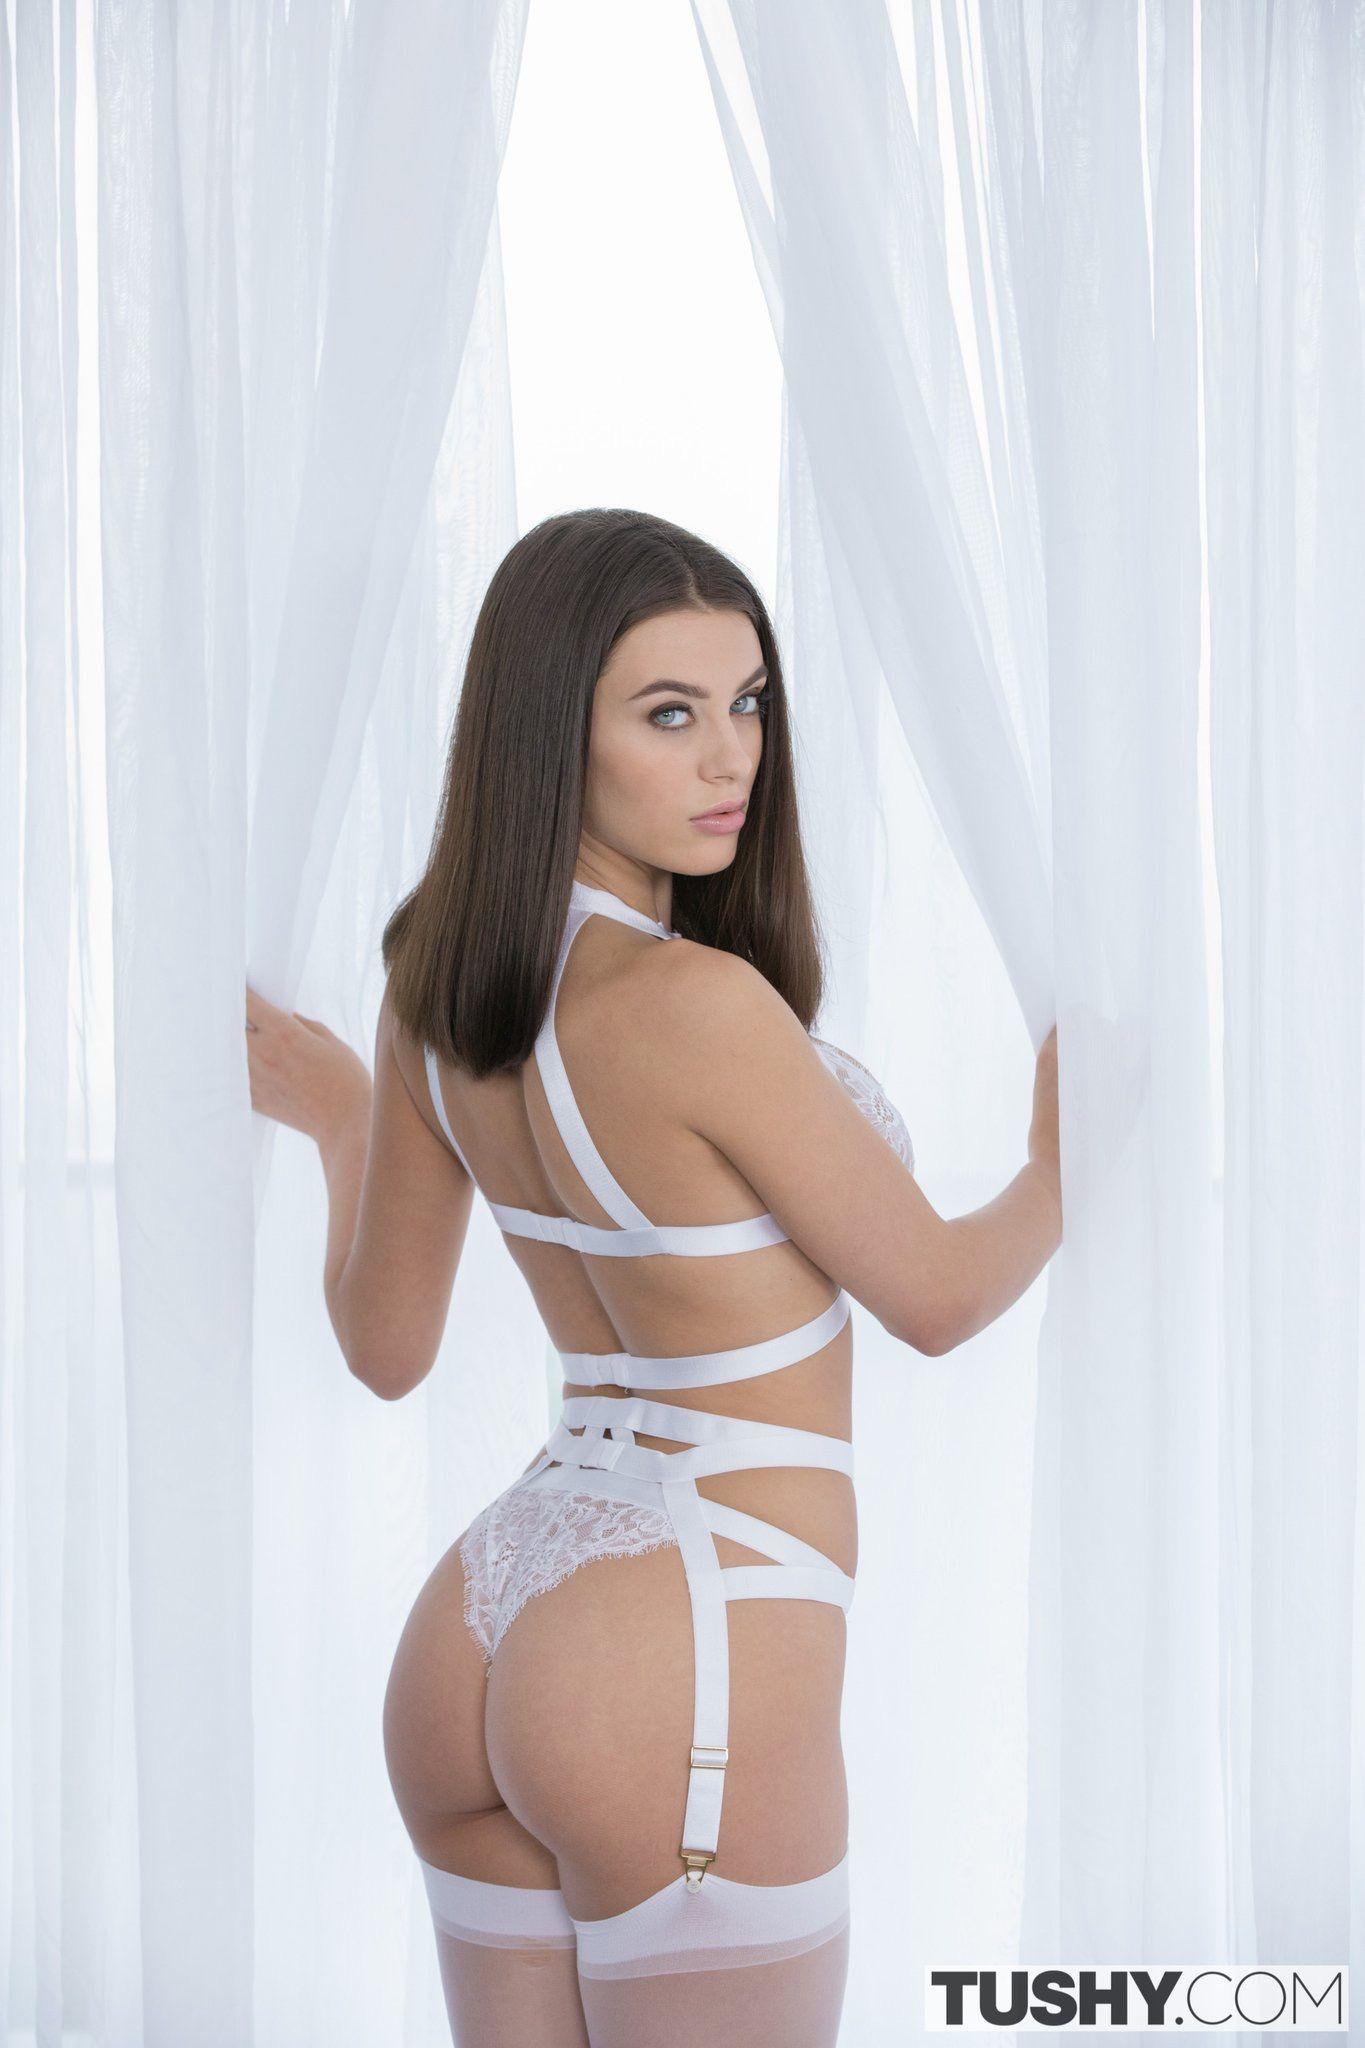 Aubrey belle anal